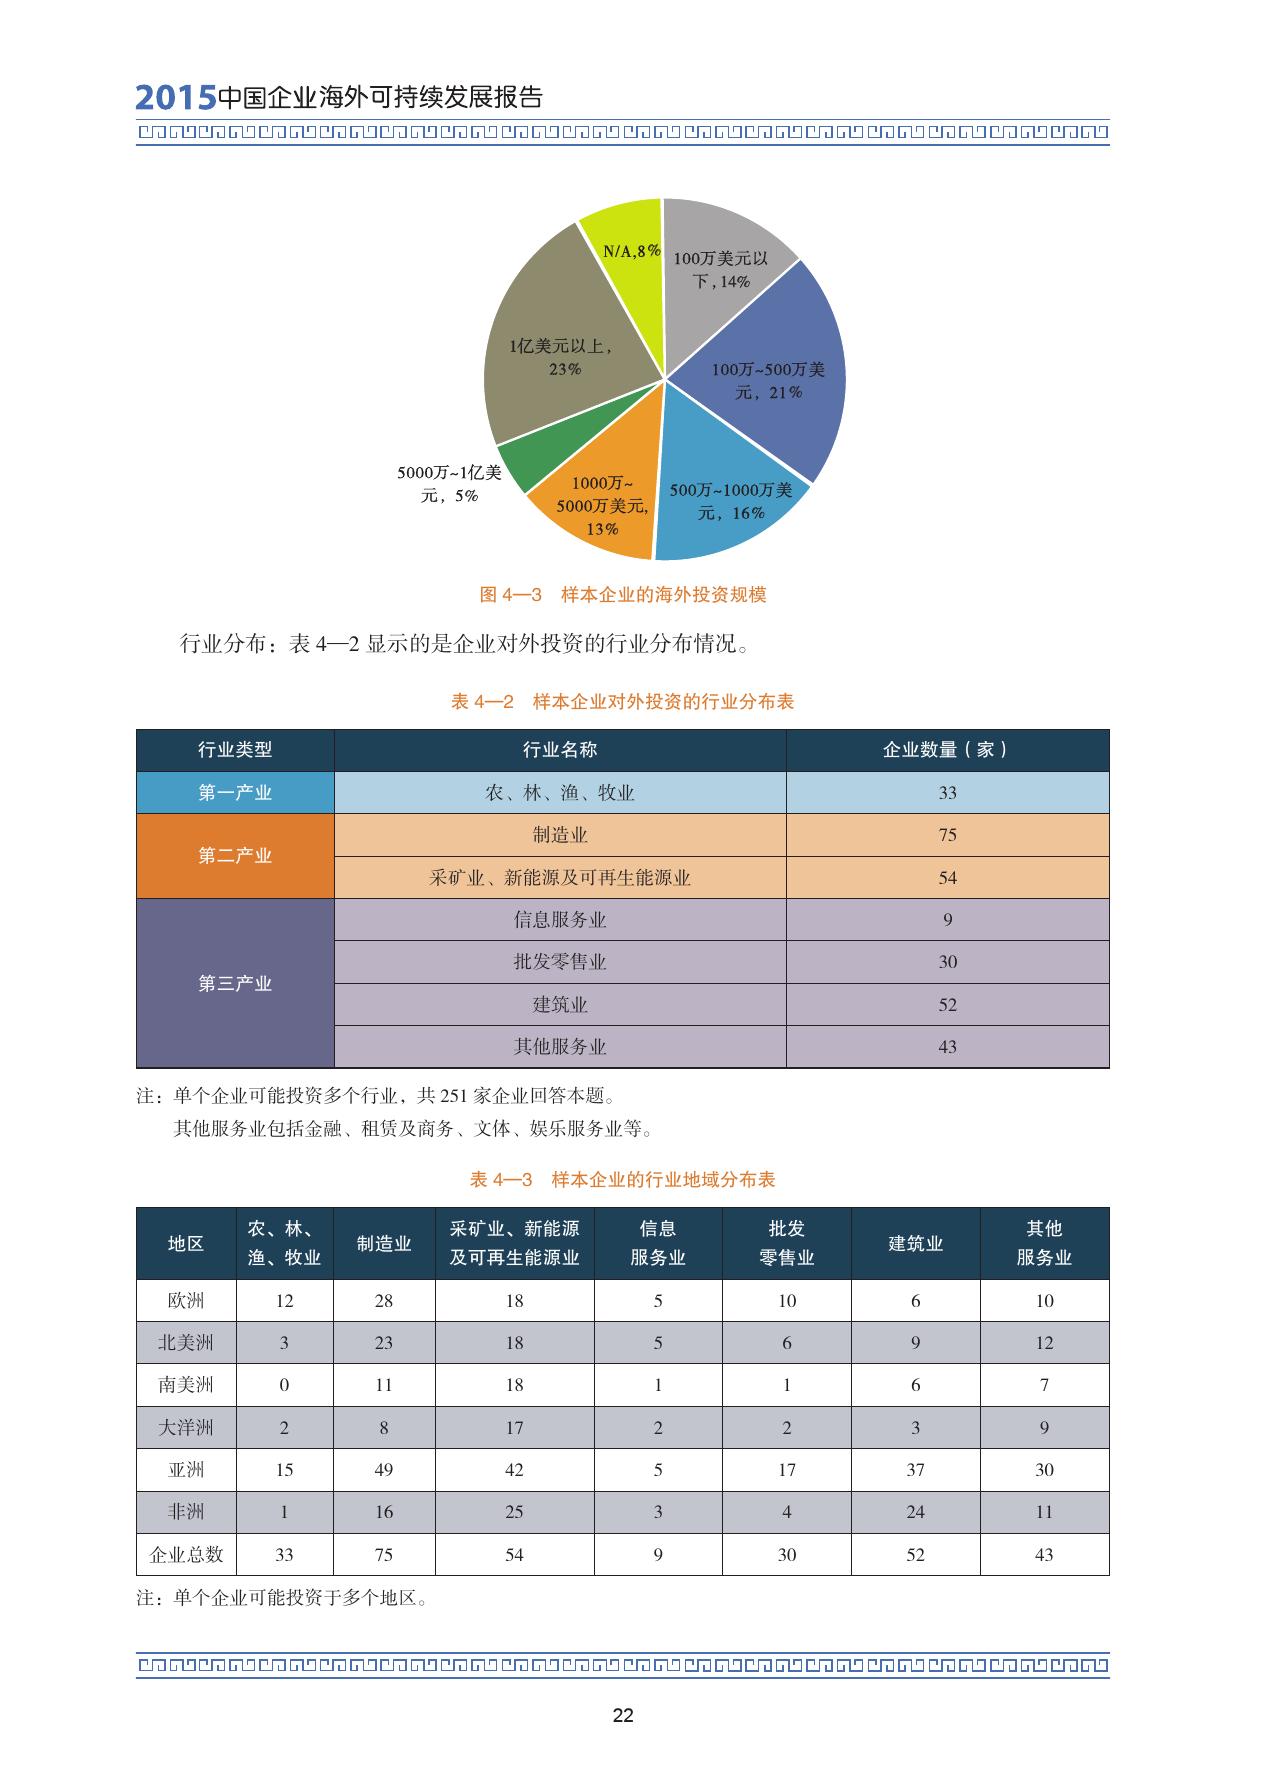 2015中国企业海外可持续发展报告_000036